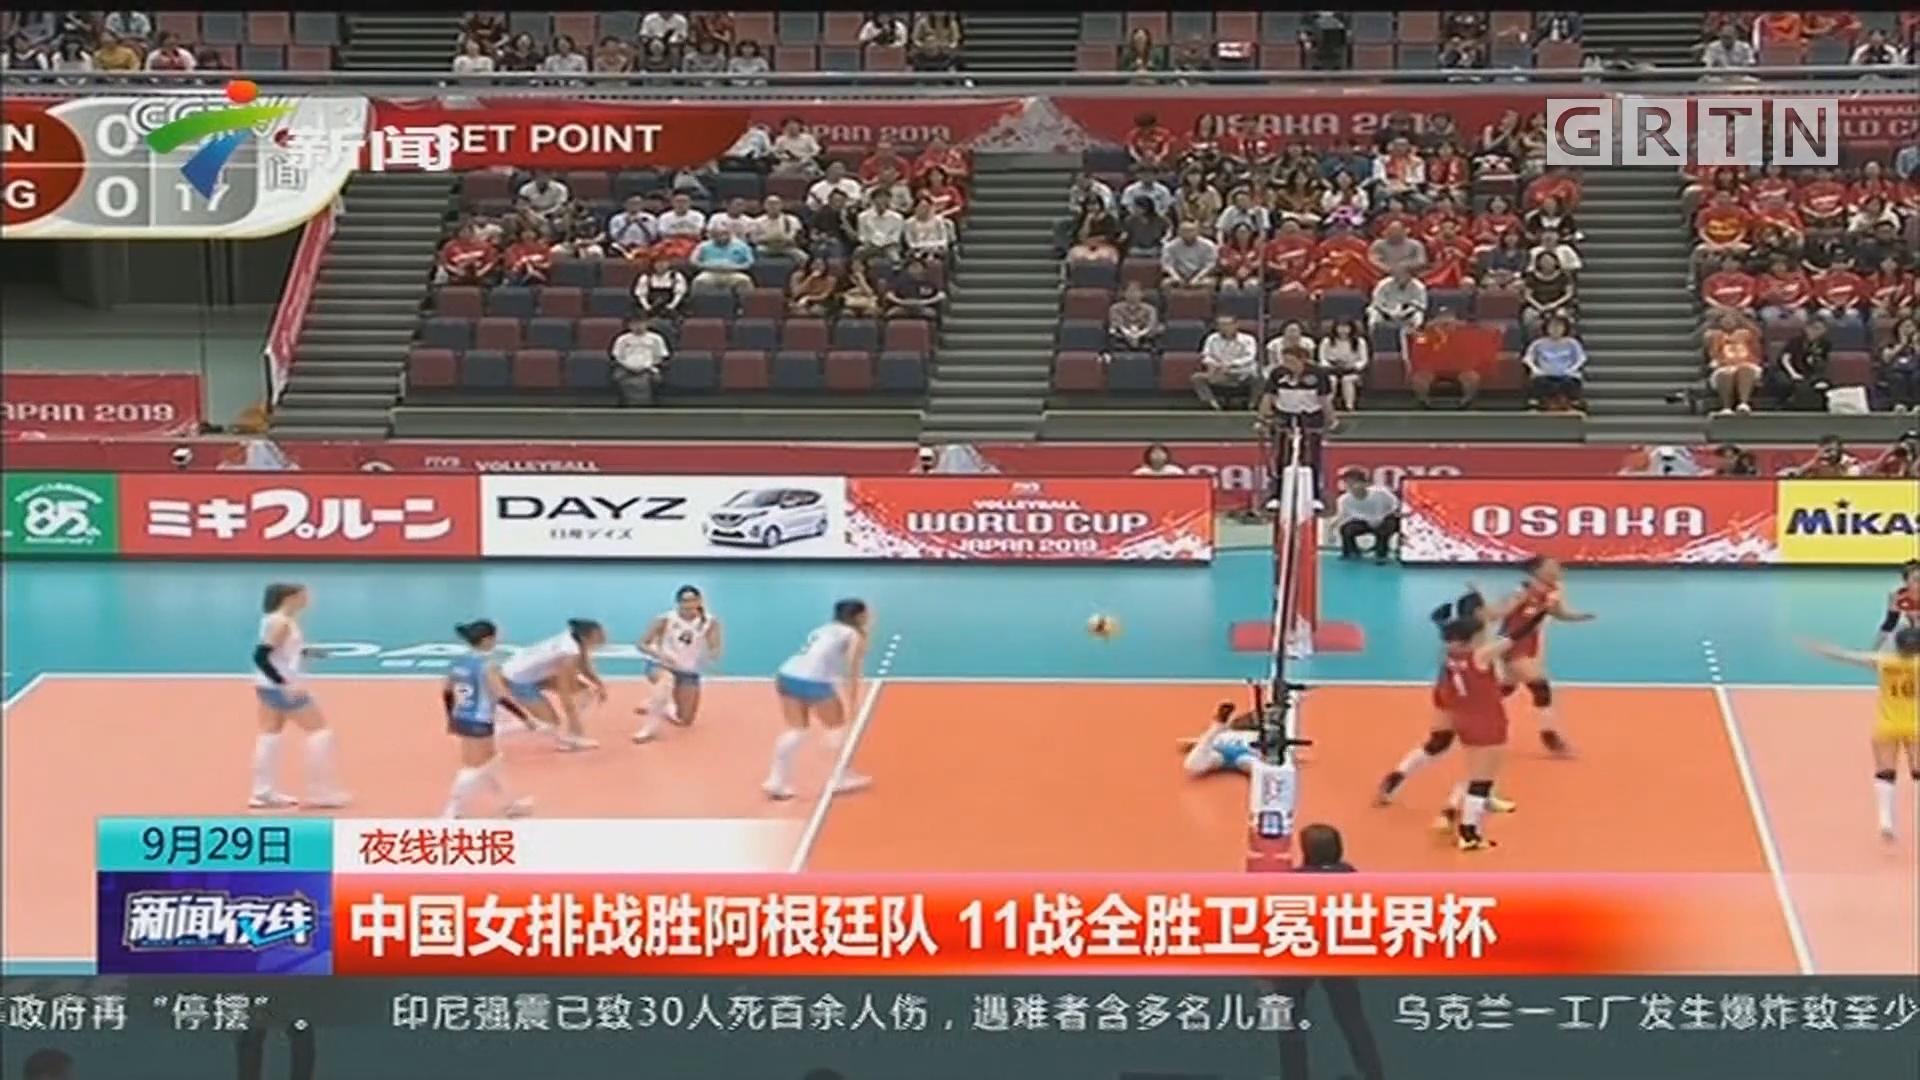 中国女排战胜阿根廷队 11战全胜卫冕世界杯